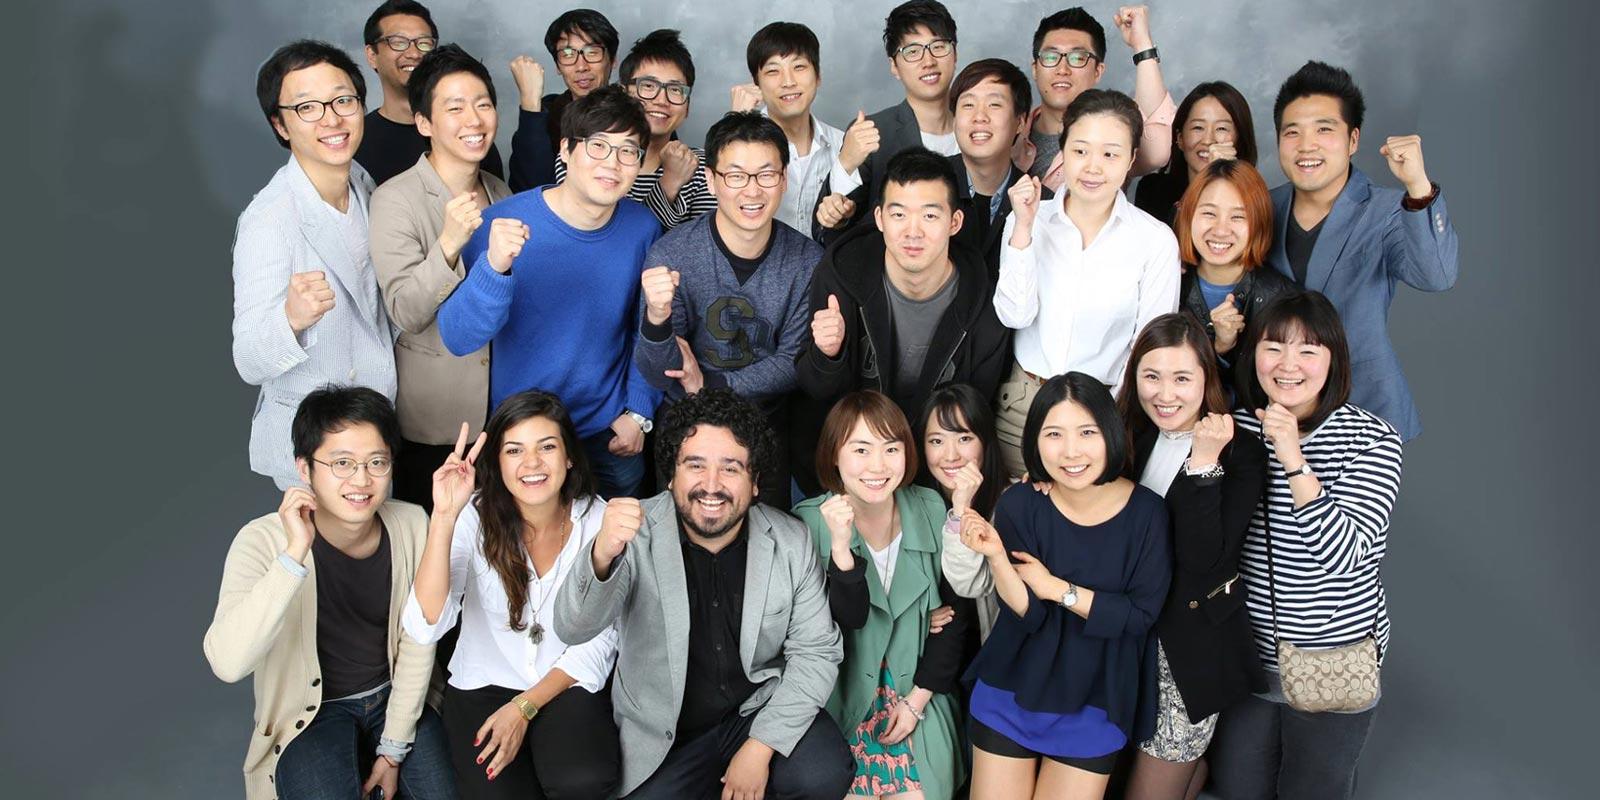 Taller de diseño en Corea del Sur con jóvenes diseñadores para la compañía Kikkerland y Sangsang Madang.